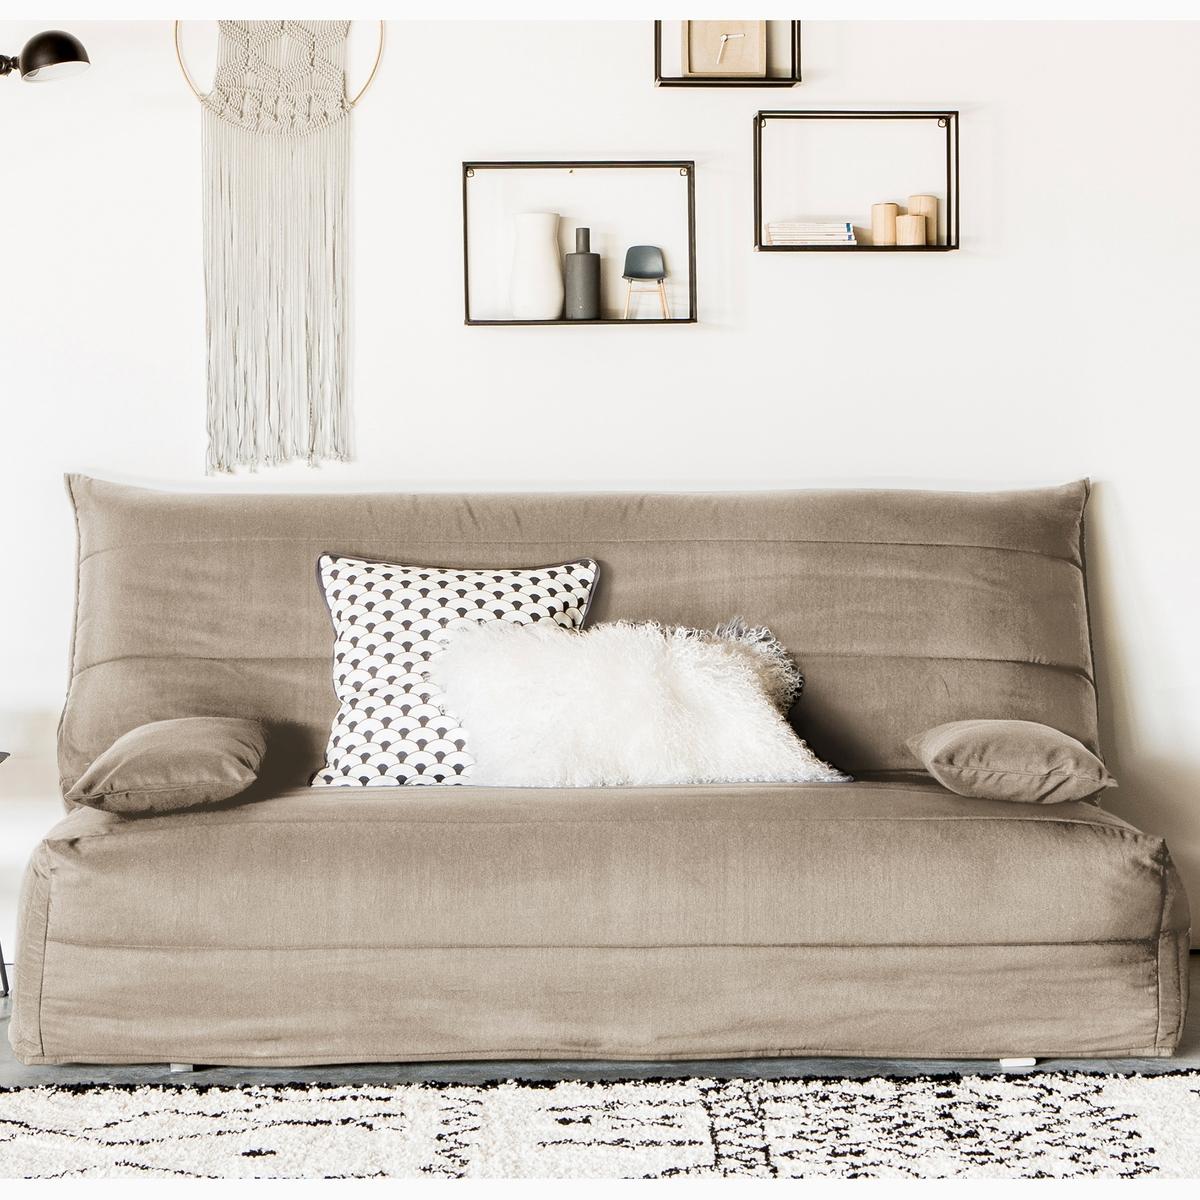 Чехол из полихлопка для диванаХарактеристики чехла для дивана  :- Хорошо облегает, покрывает целиком диван (частично спинку дивана)   Эластичные края. - Прострочка в виде линии  .- Стирка при 40°С.Размеры чехла для дивана  :- ширина 140 см, или 160 см  .<br><br>Цвет: бежевый,гранатовый,сине-зеленый,синий индиго,темно-серый